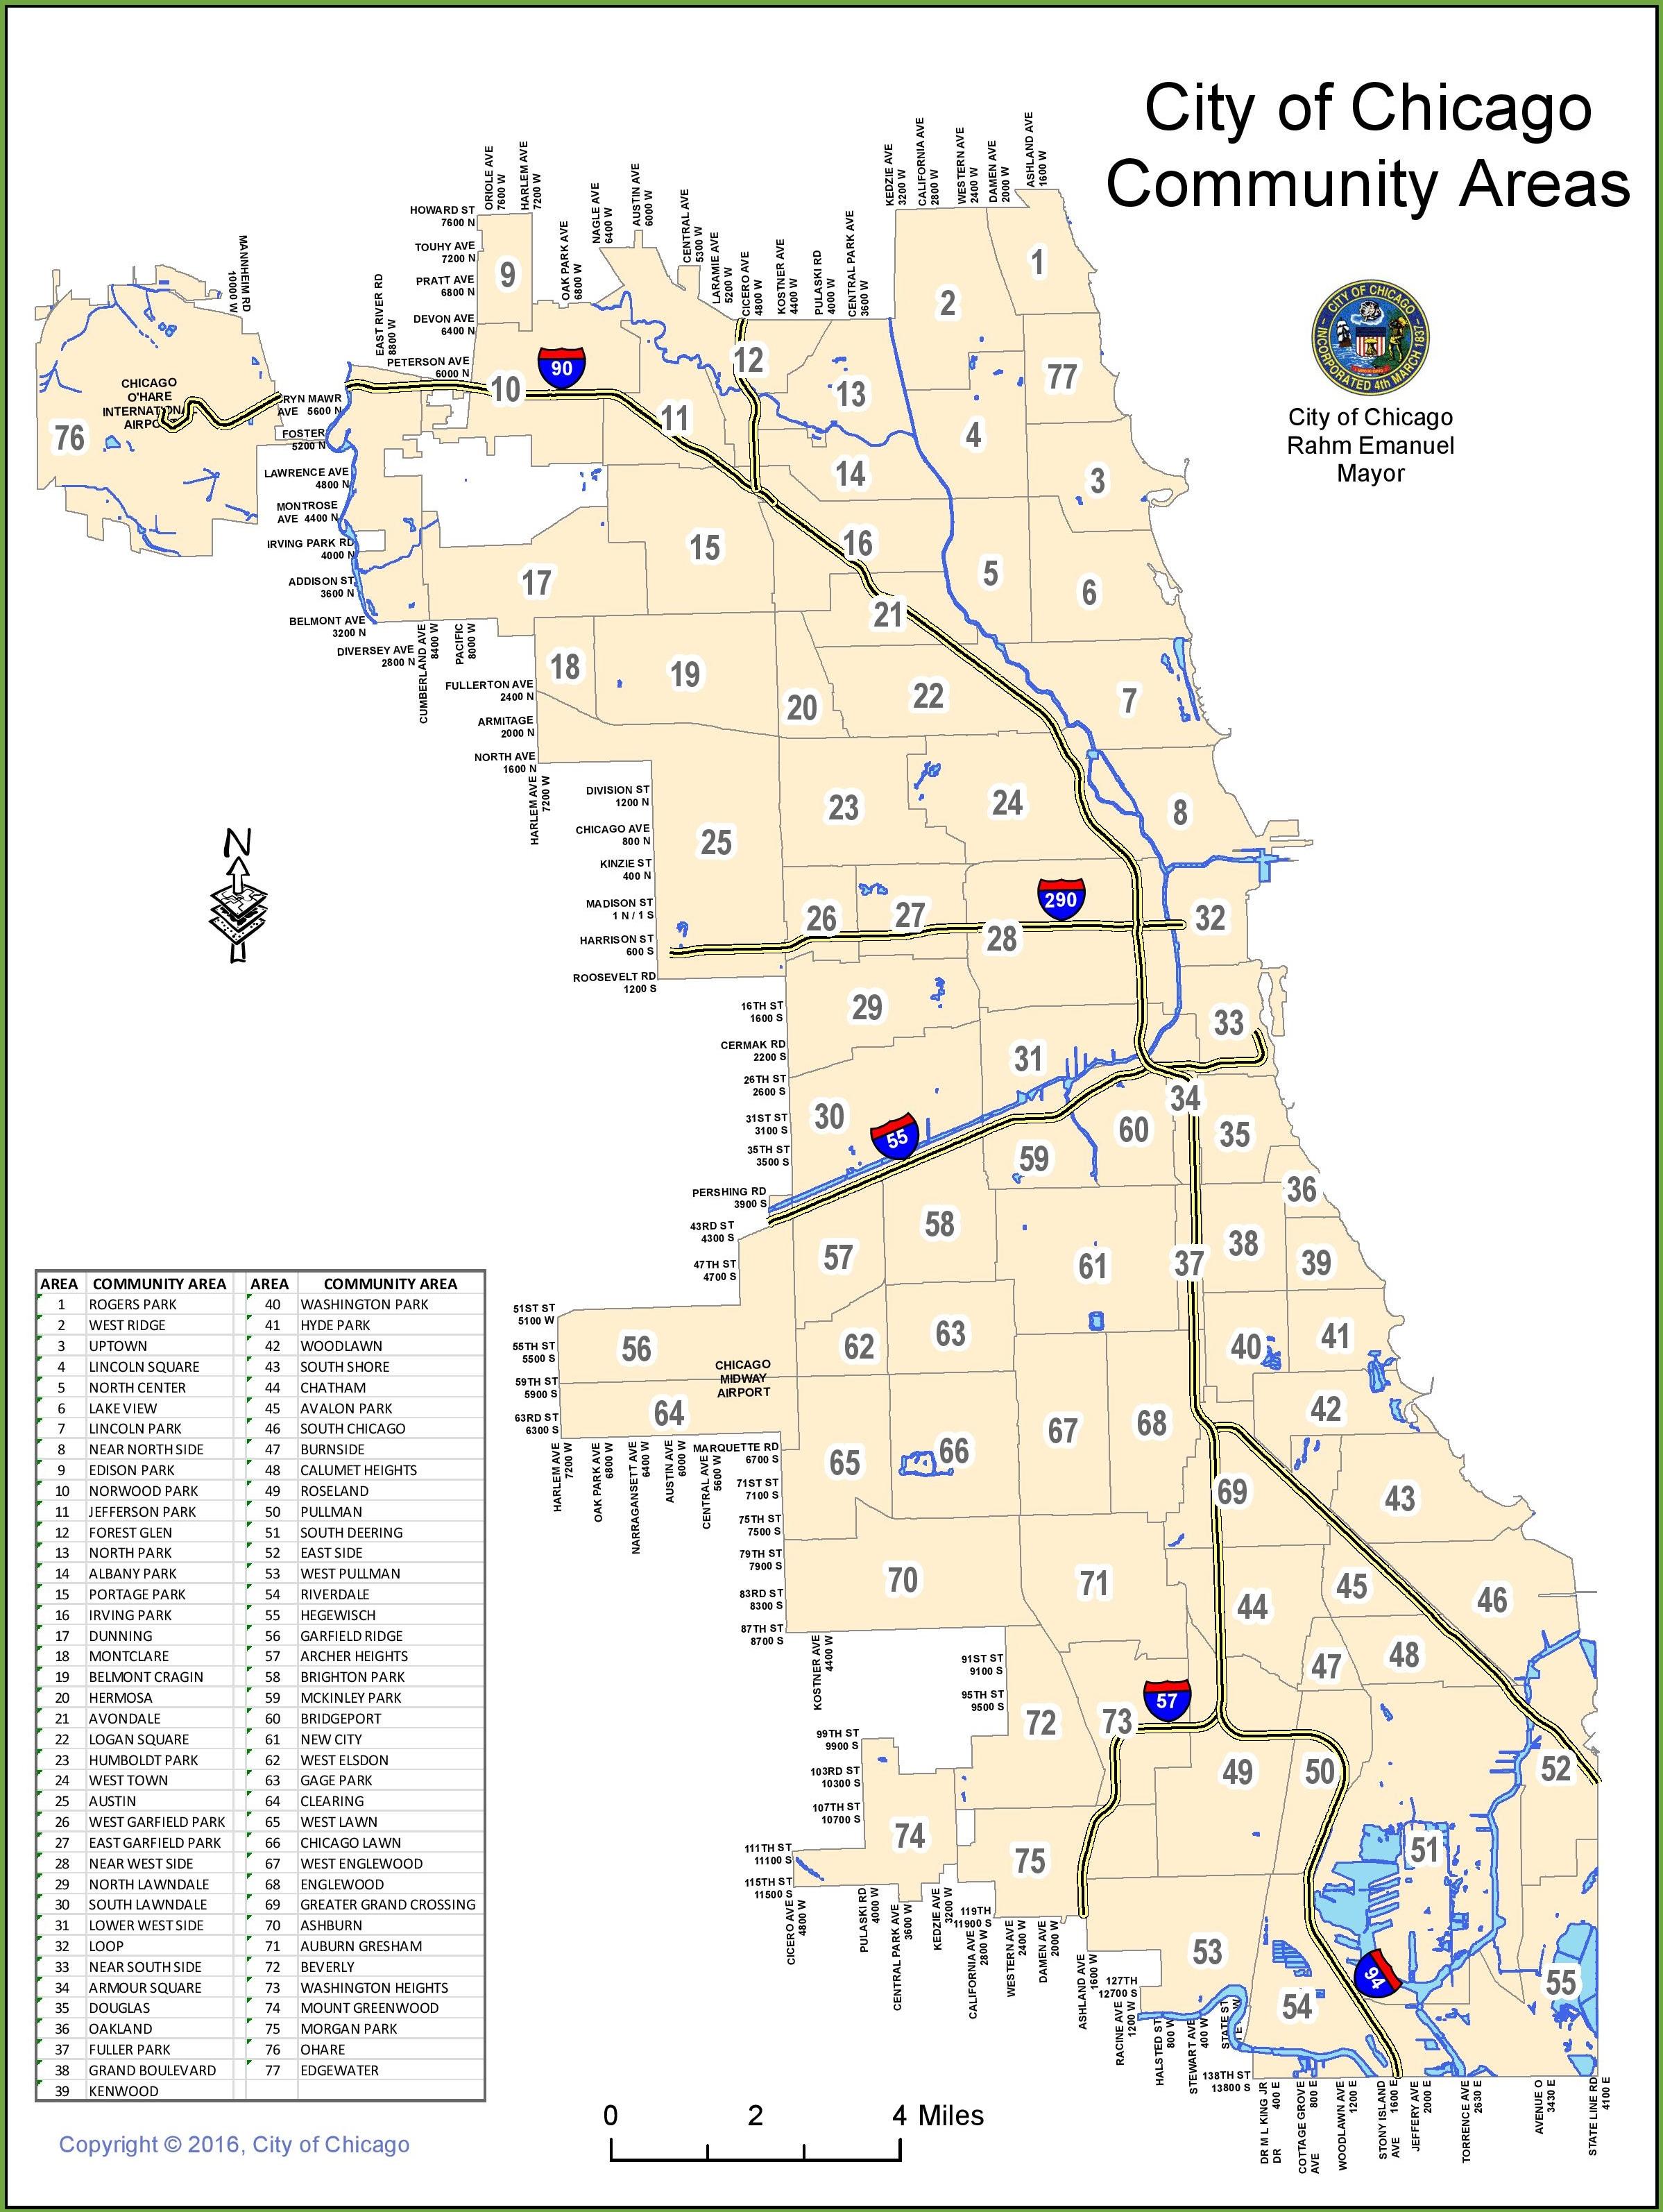 Chicago Community Area Map Chicago community areas map